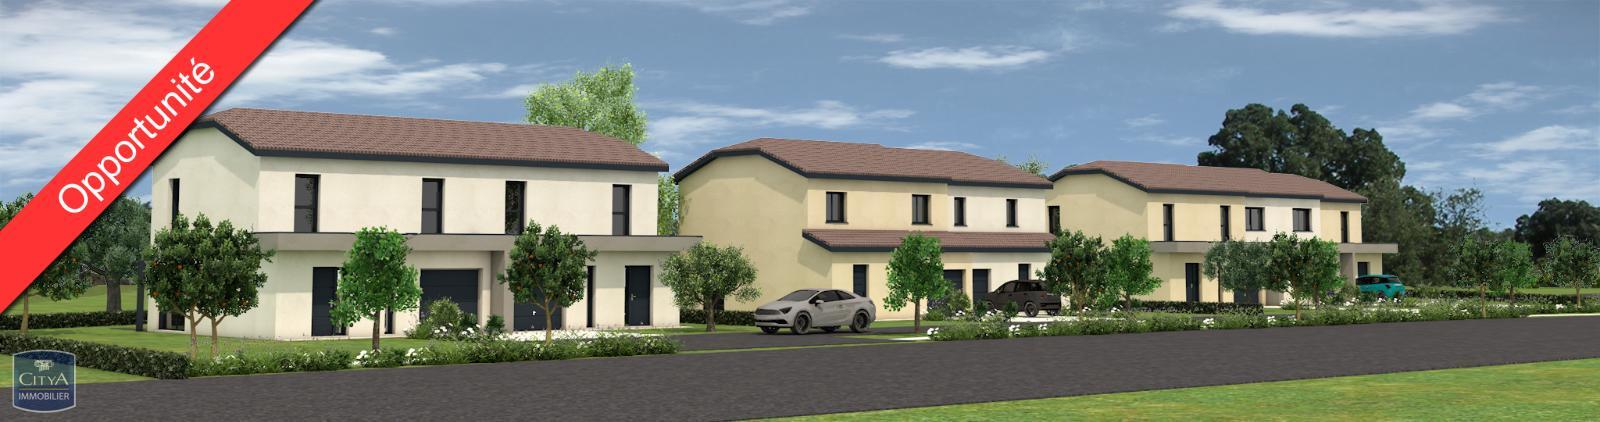 Maison/villa 5 pièces 100 m²